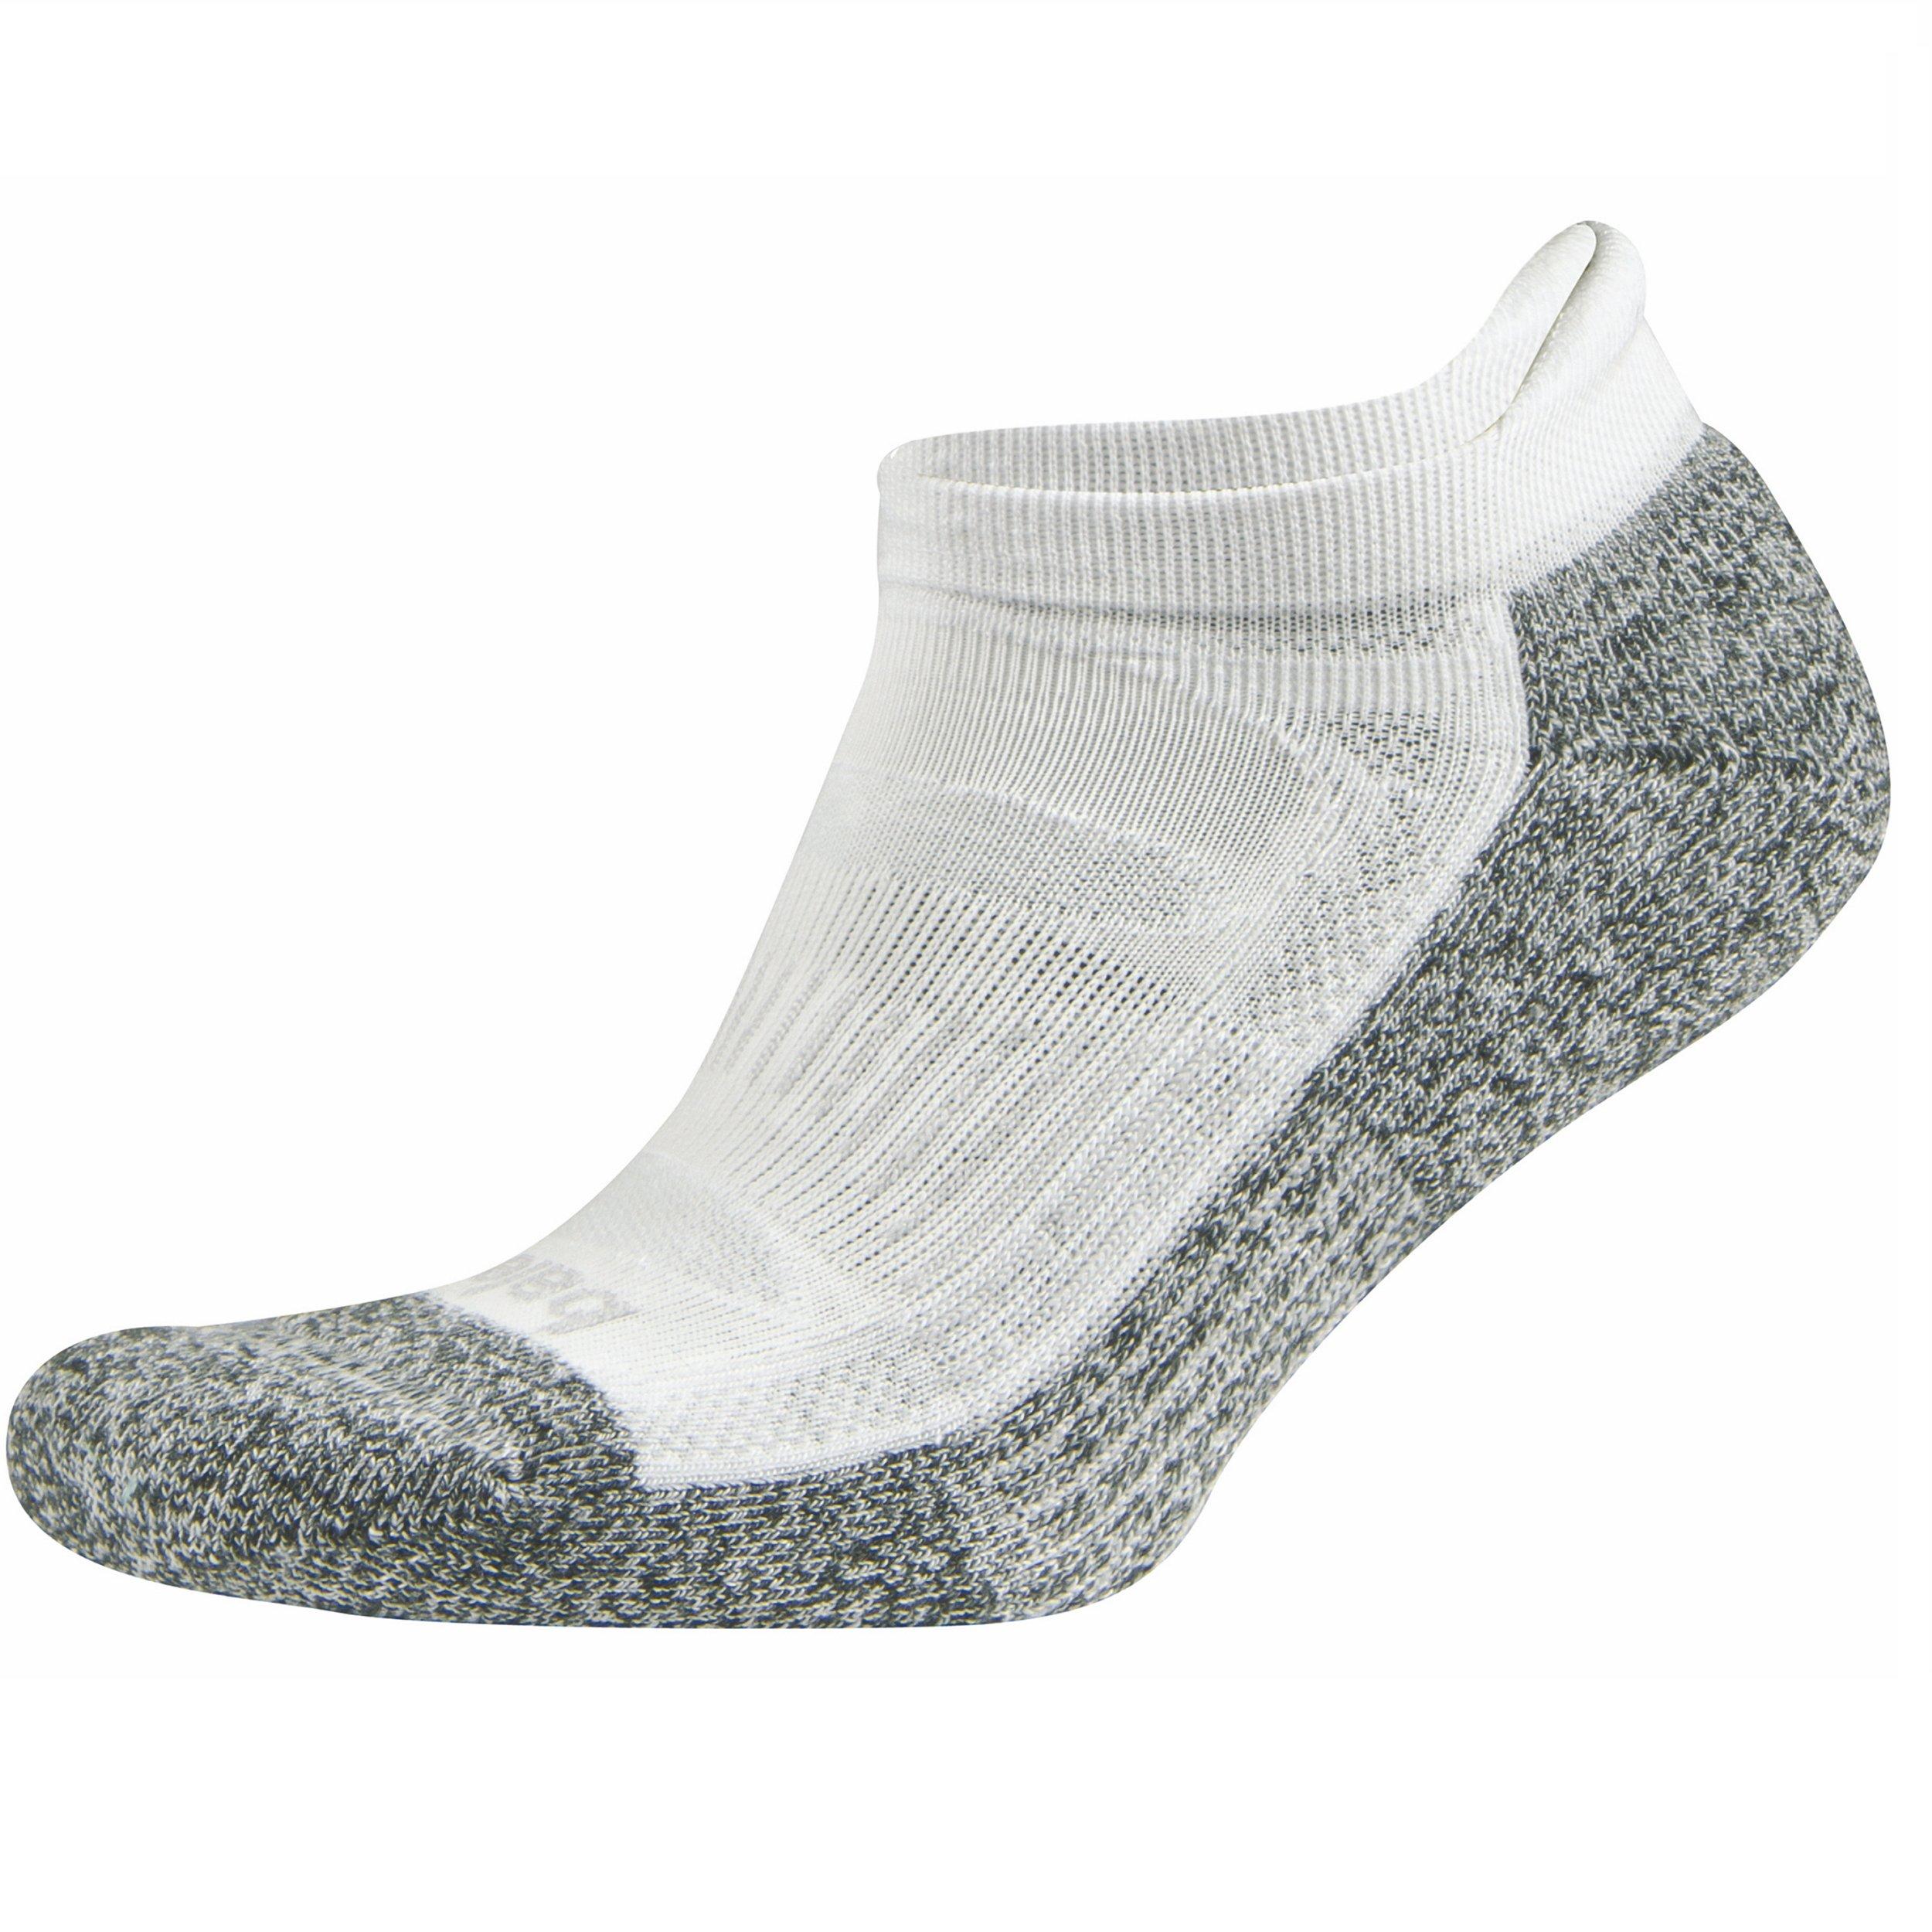 Balega Blister Resist No Show Socks For Men and Women (1-Pair), White, Large